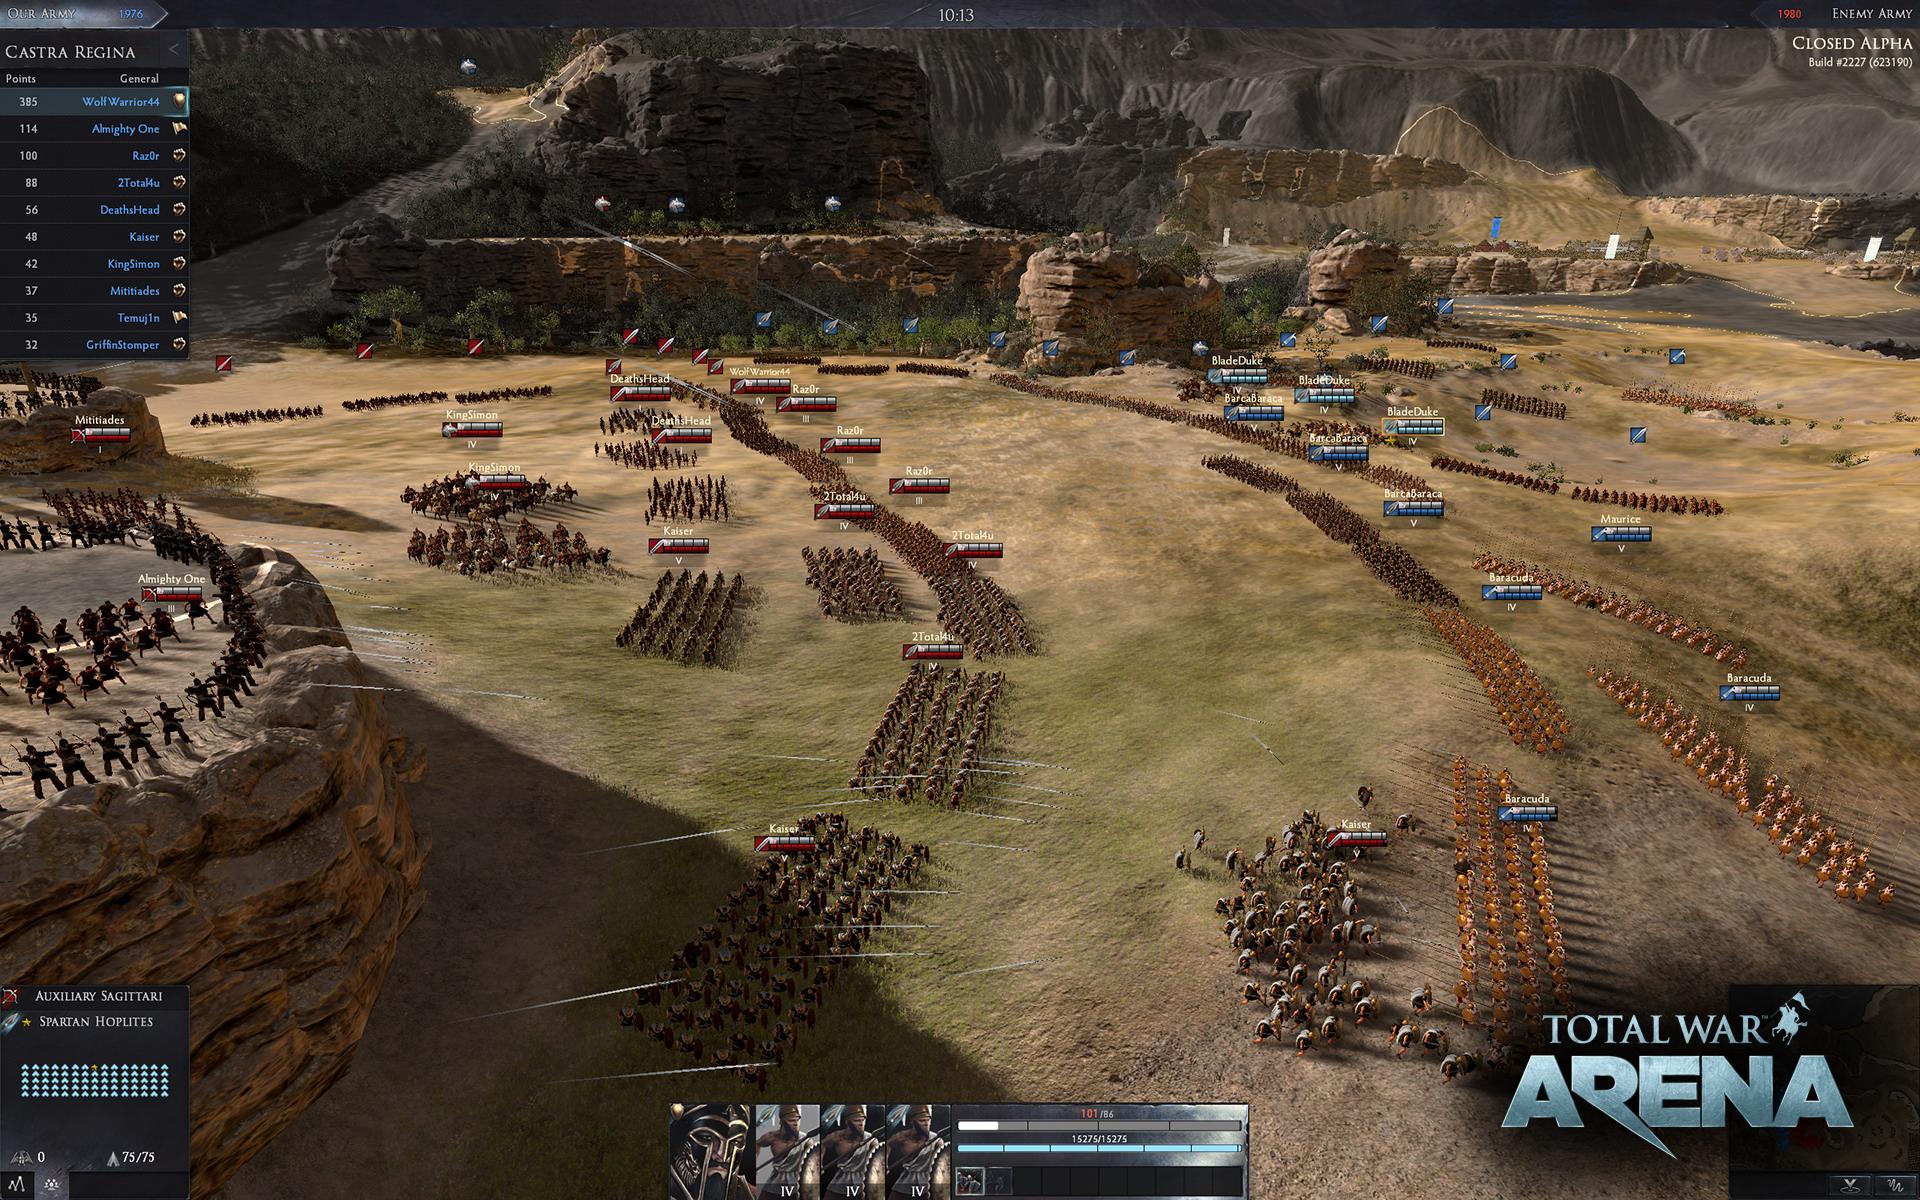 Total War arena beta code